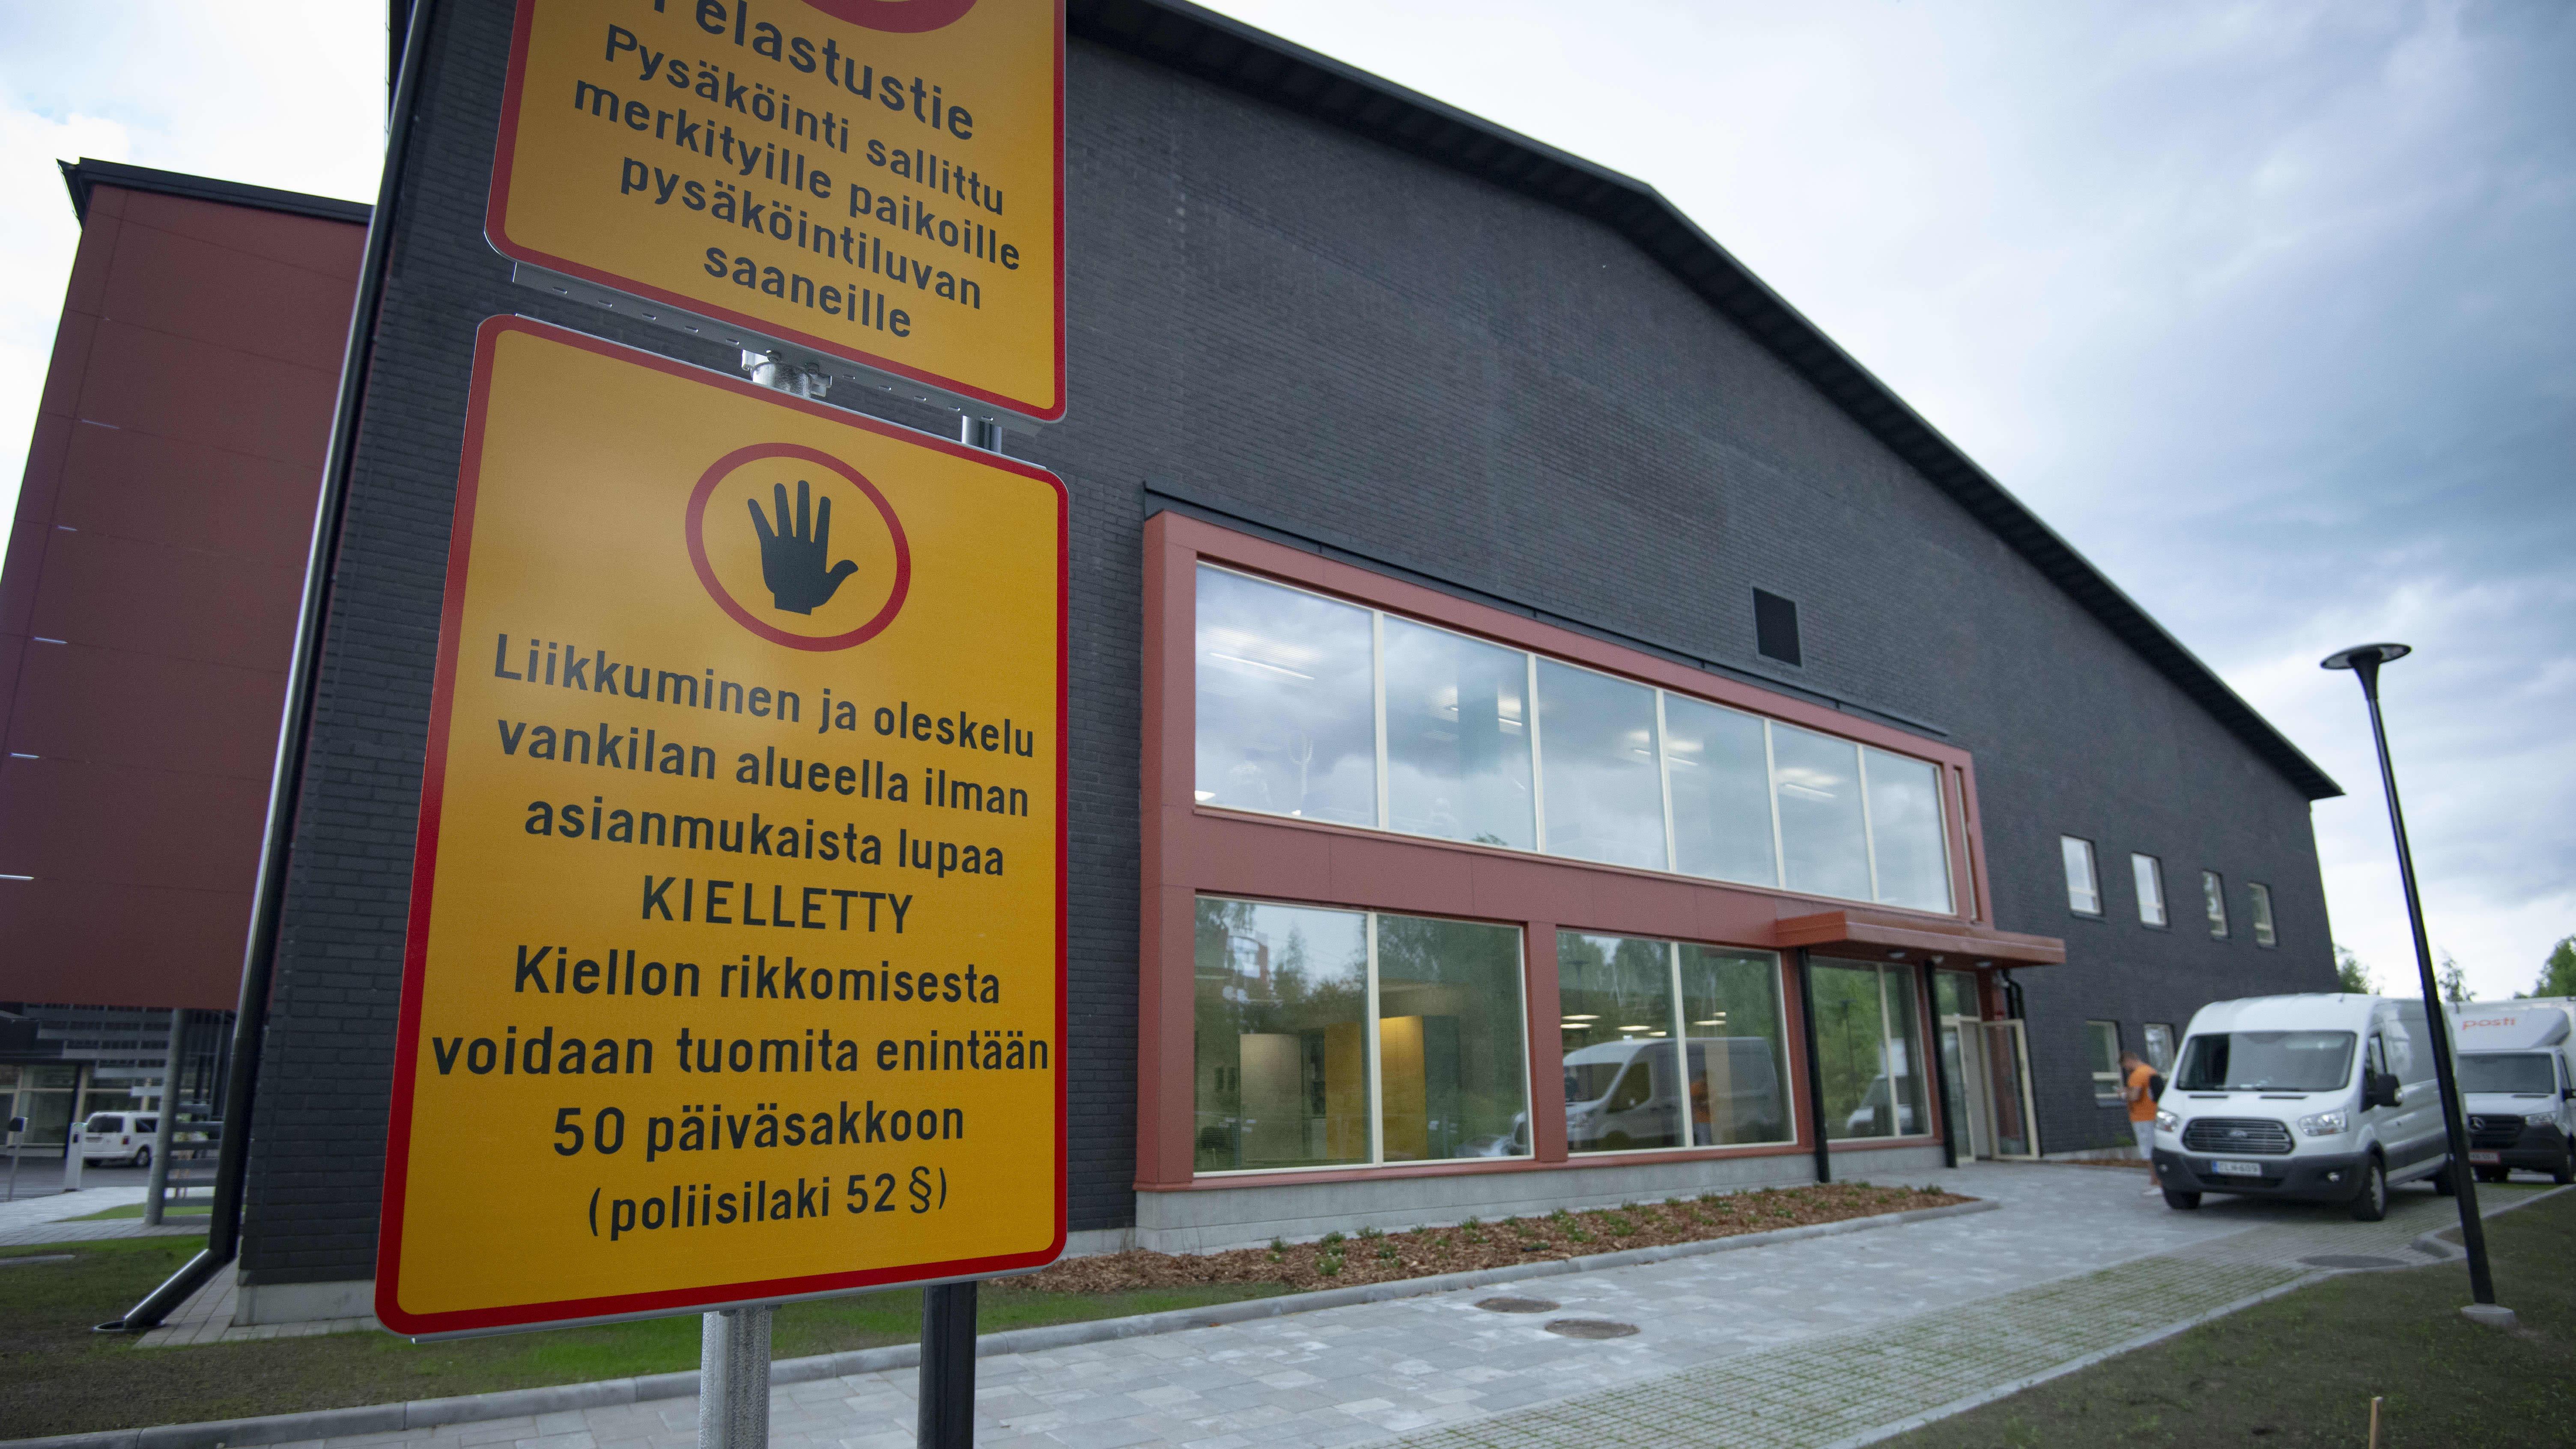 Jyväskylän vankila ja yhdykuntaseuraamustoimiston julkisivu